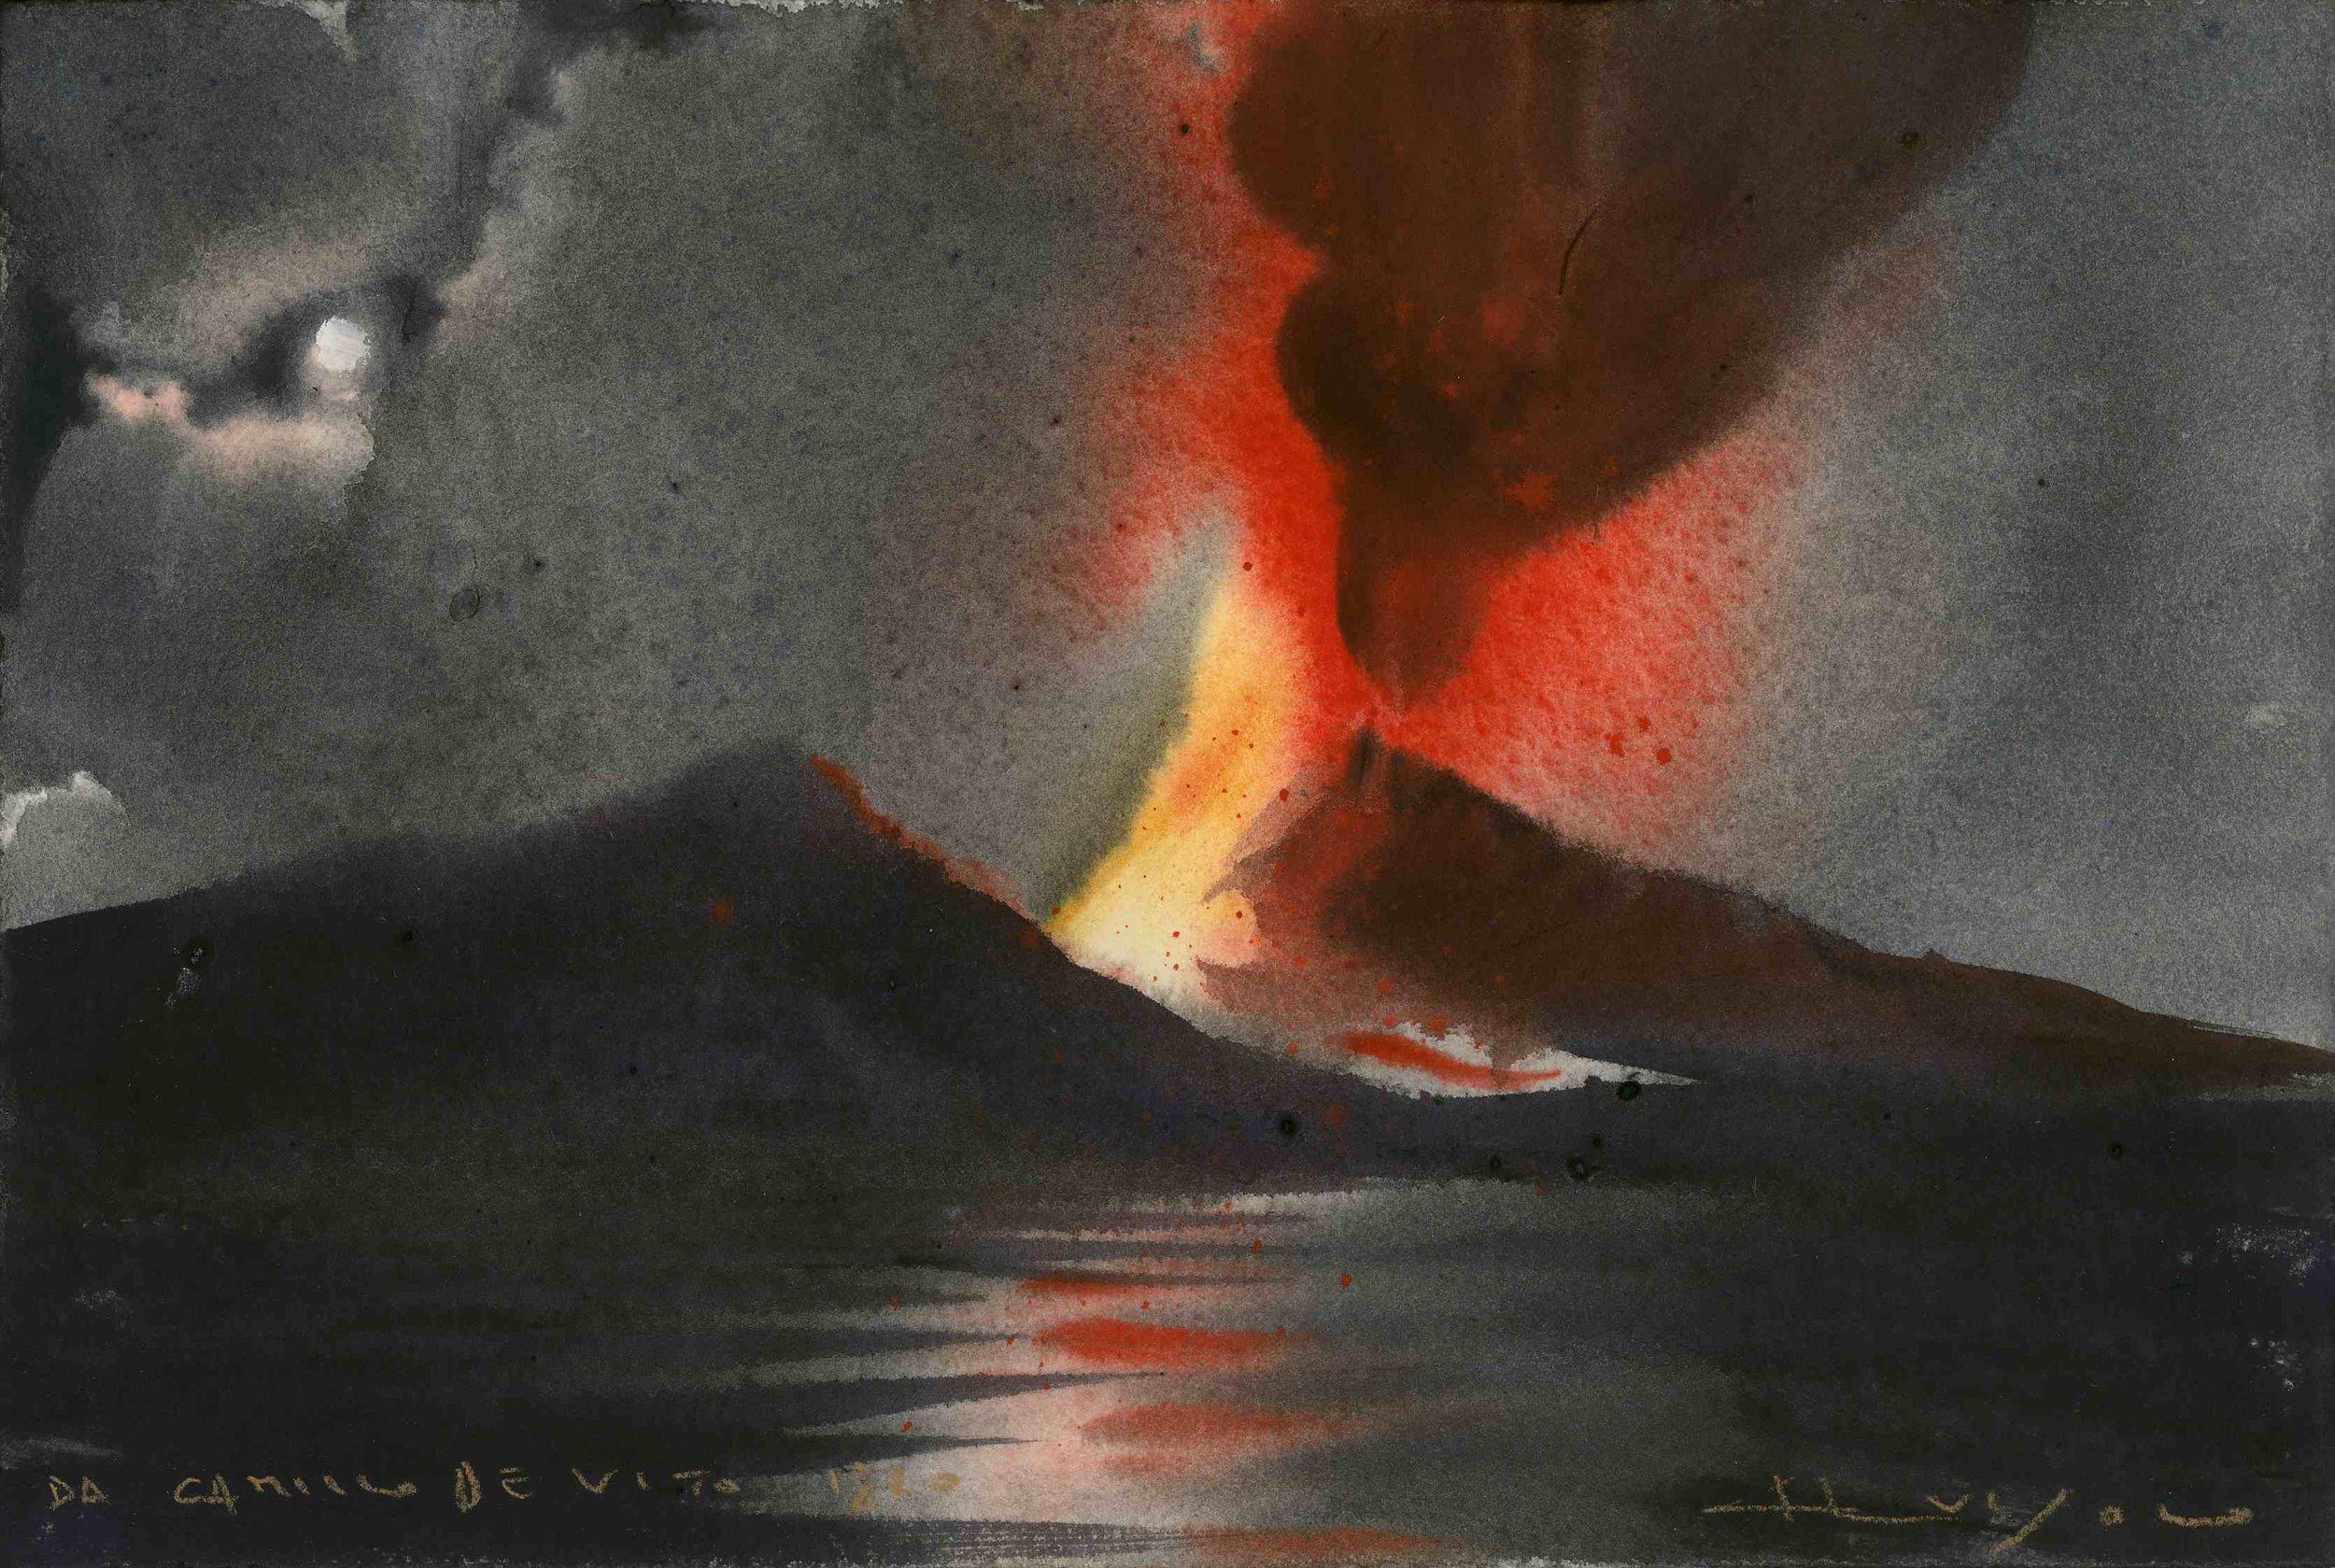 vulcano, 2013